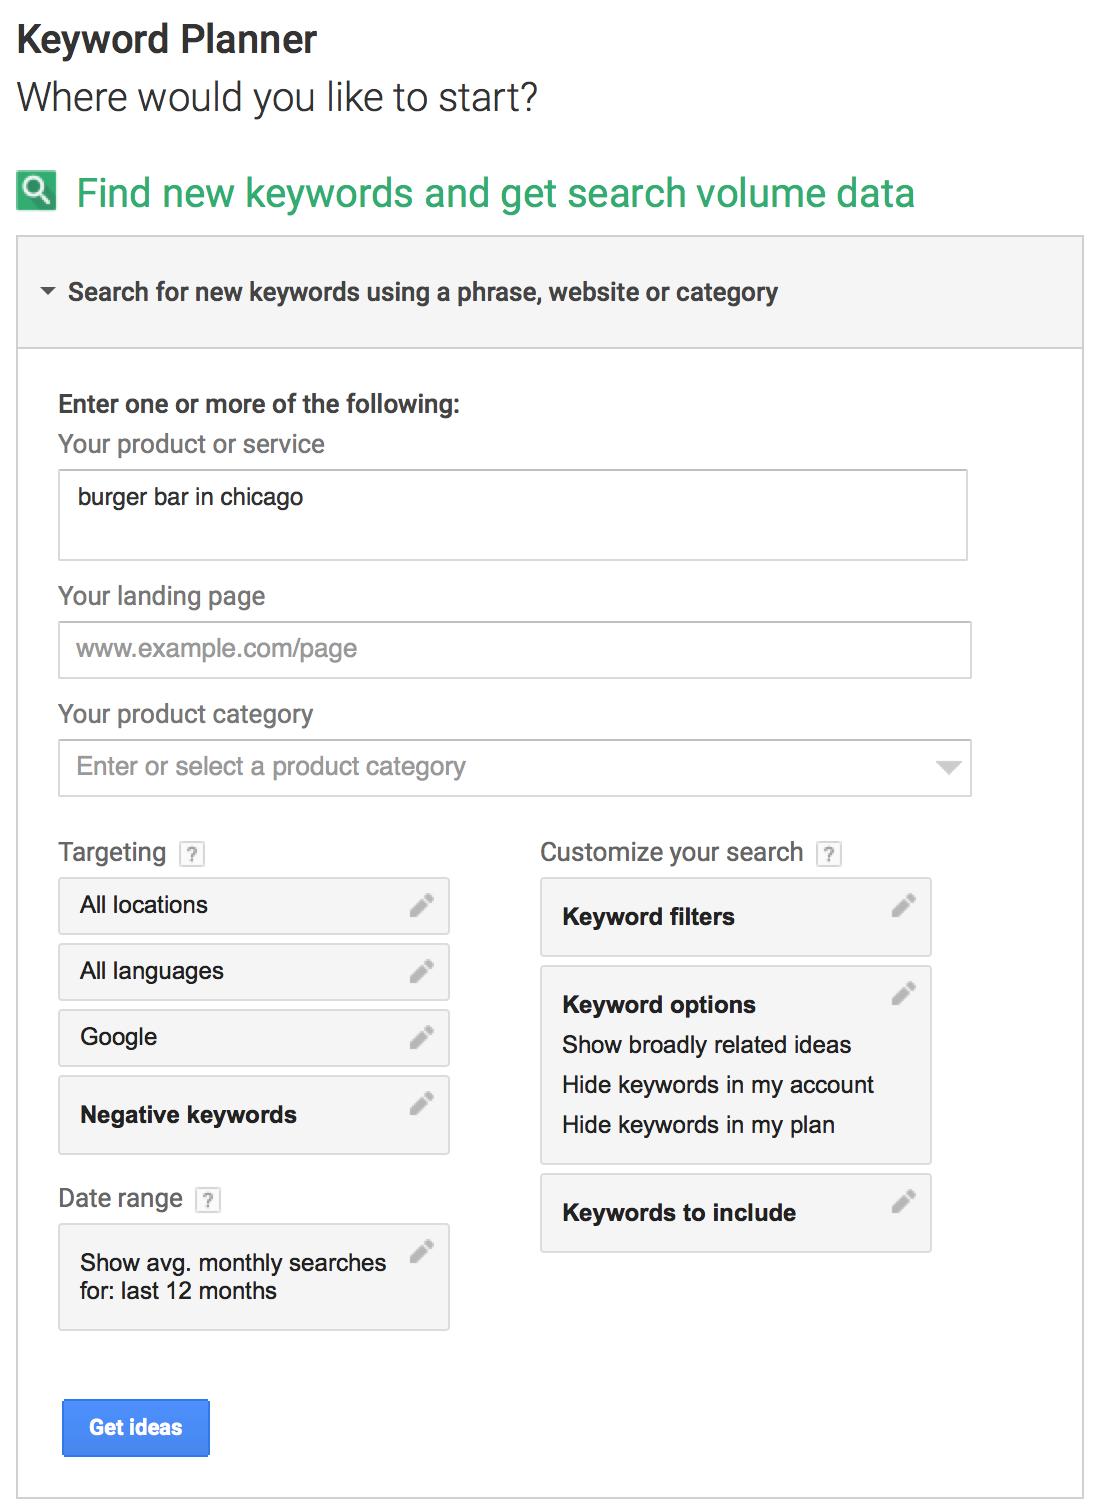 Keyword Planner - Step 1